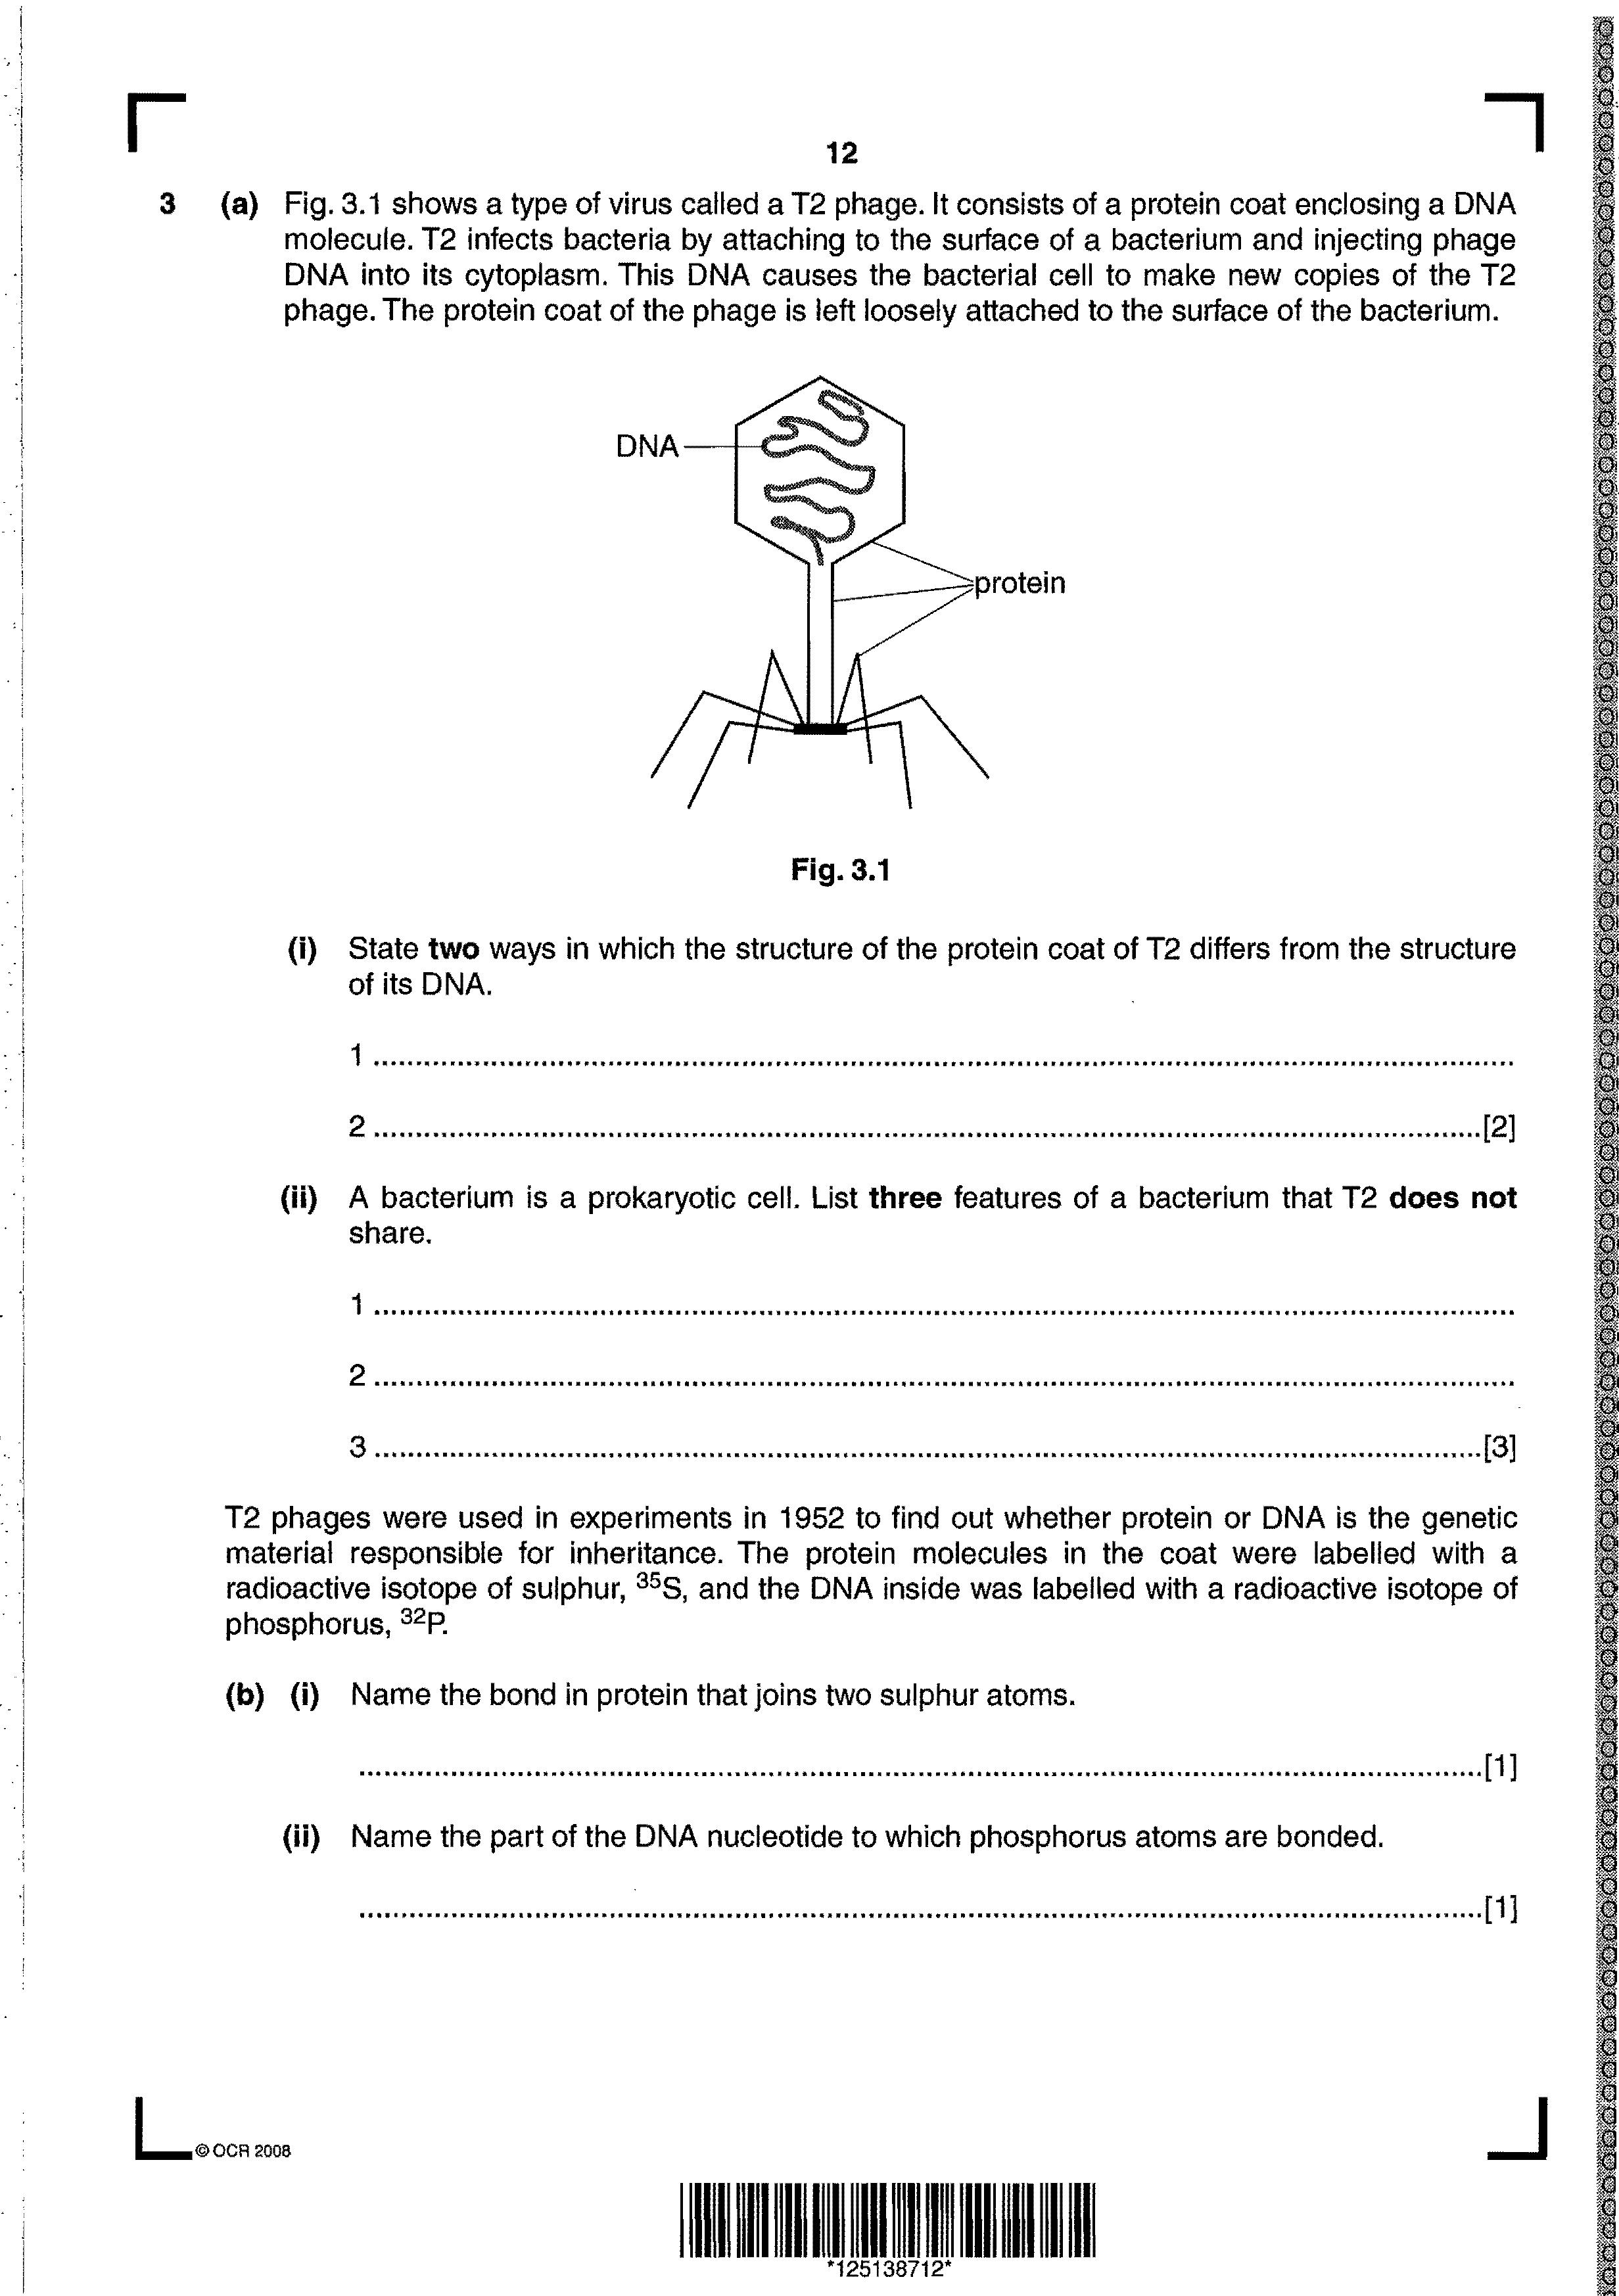 virusQjun08_Page_1.png